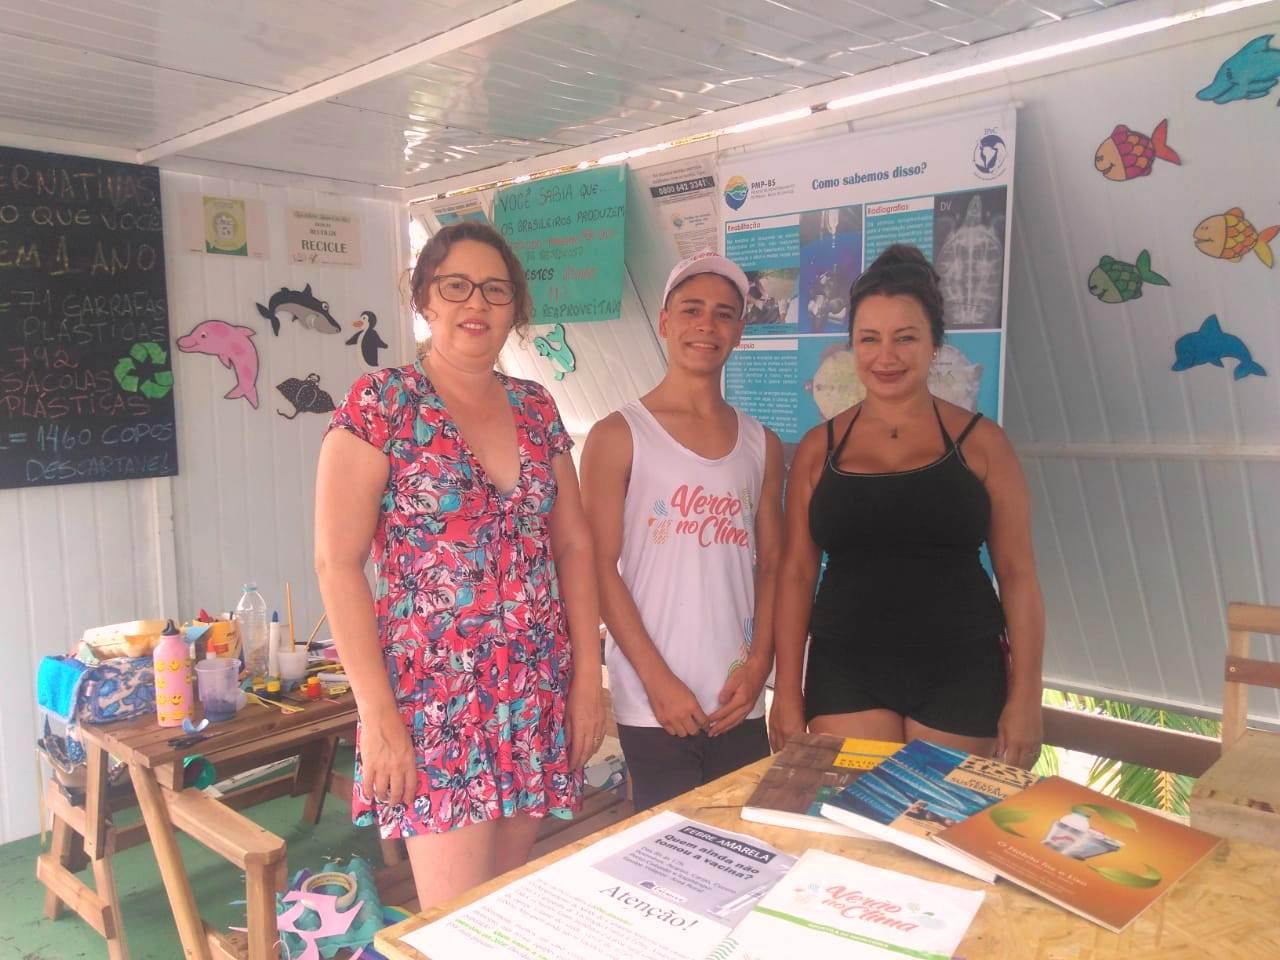 Projeto Verão no Clima conscientiza população nas praias do Brasil e recebe atriz de cinema Cris Lopes no litoral paulista